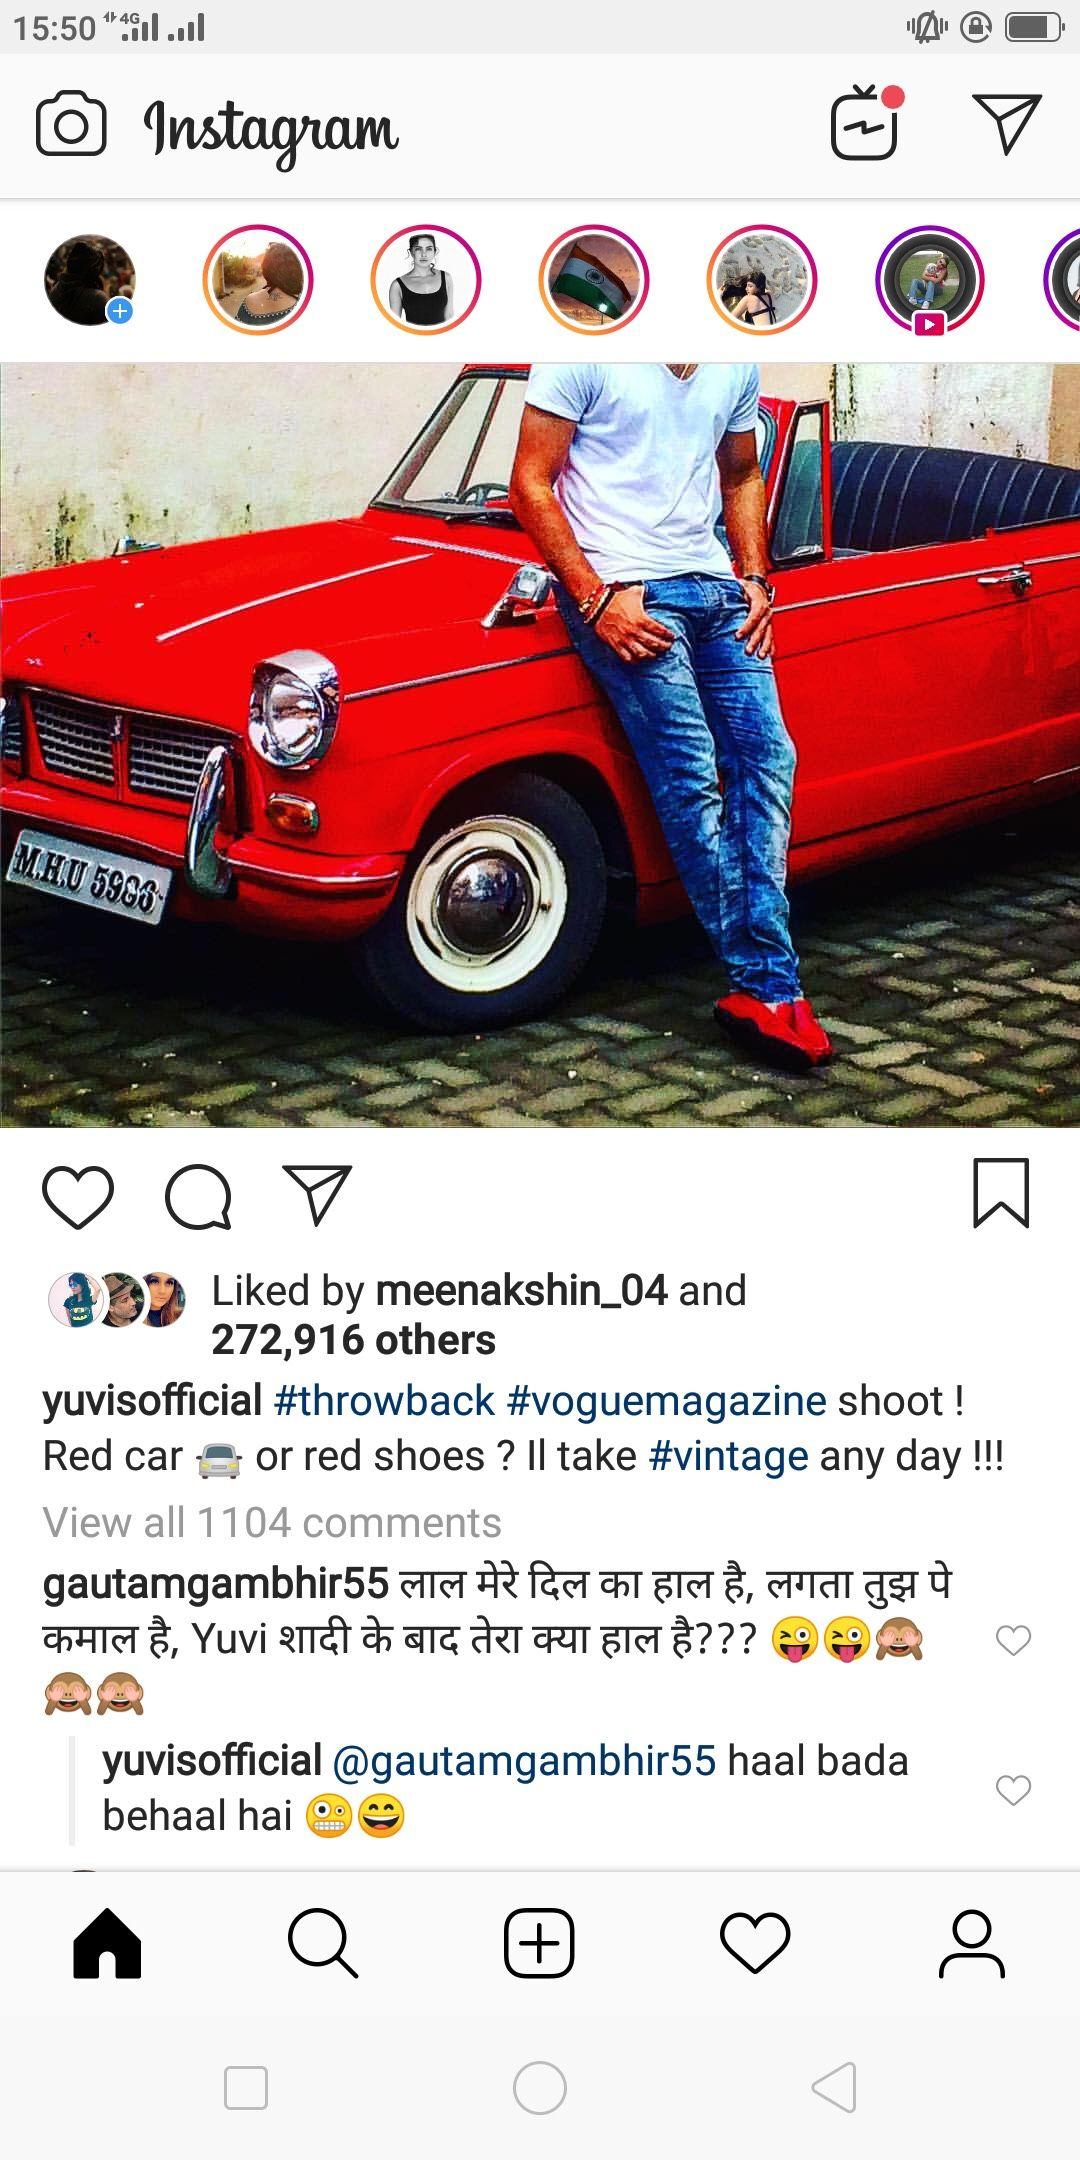 Yuvi trolled by Gautam Gambhir